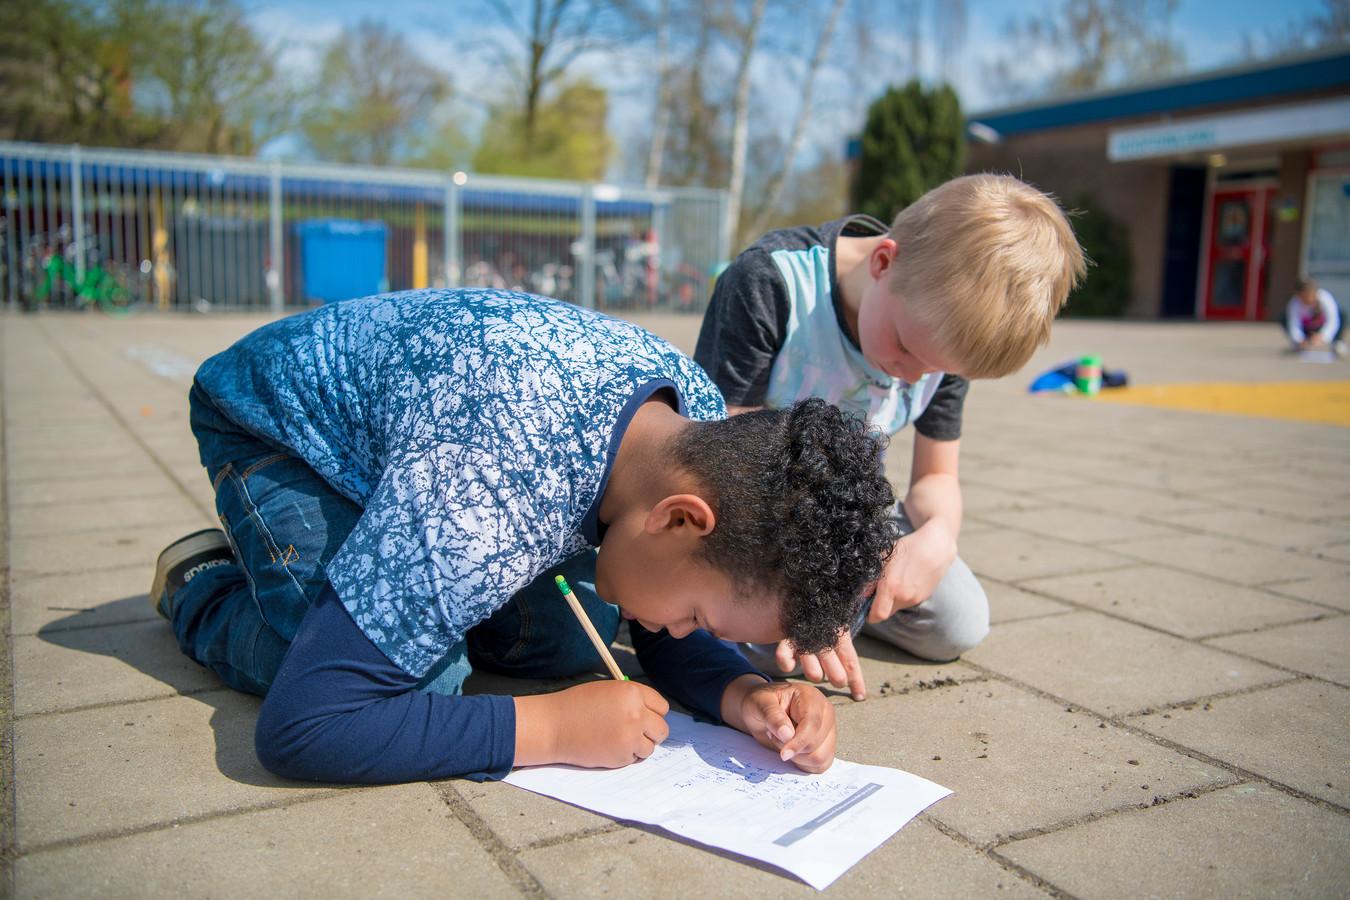 Leerlingen van groep 4 zijn druk bezig met de taalles op het schoolplein tijdens de Nationale Buitenlesdag op de PC Daltonschool Ichthus.